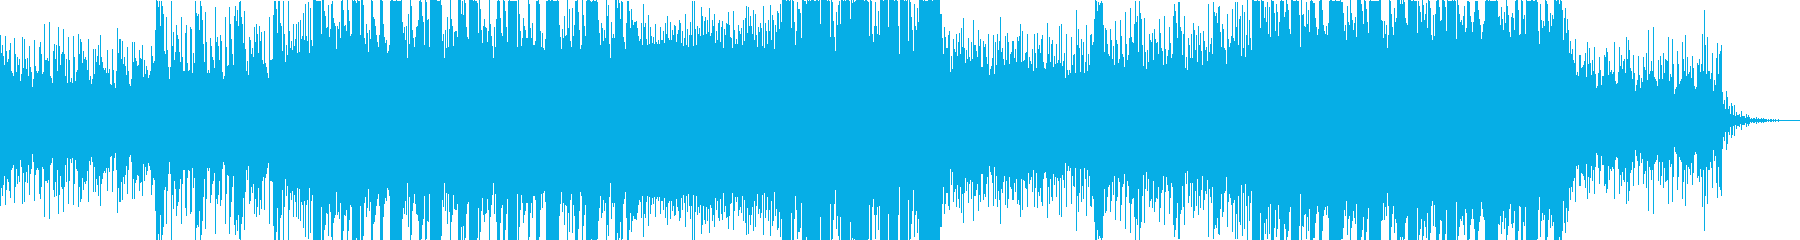 ヘヴィなリディムトラップ・ダブステップの再生済みの波形